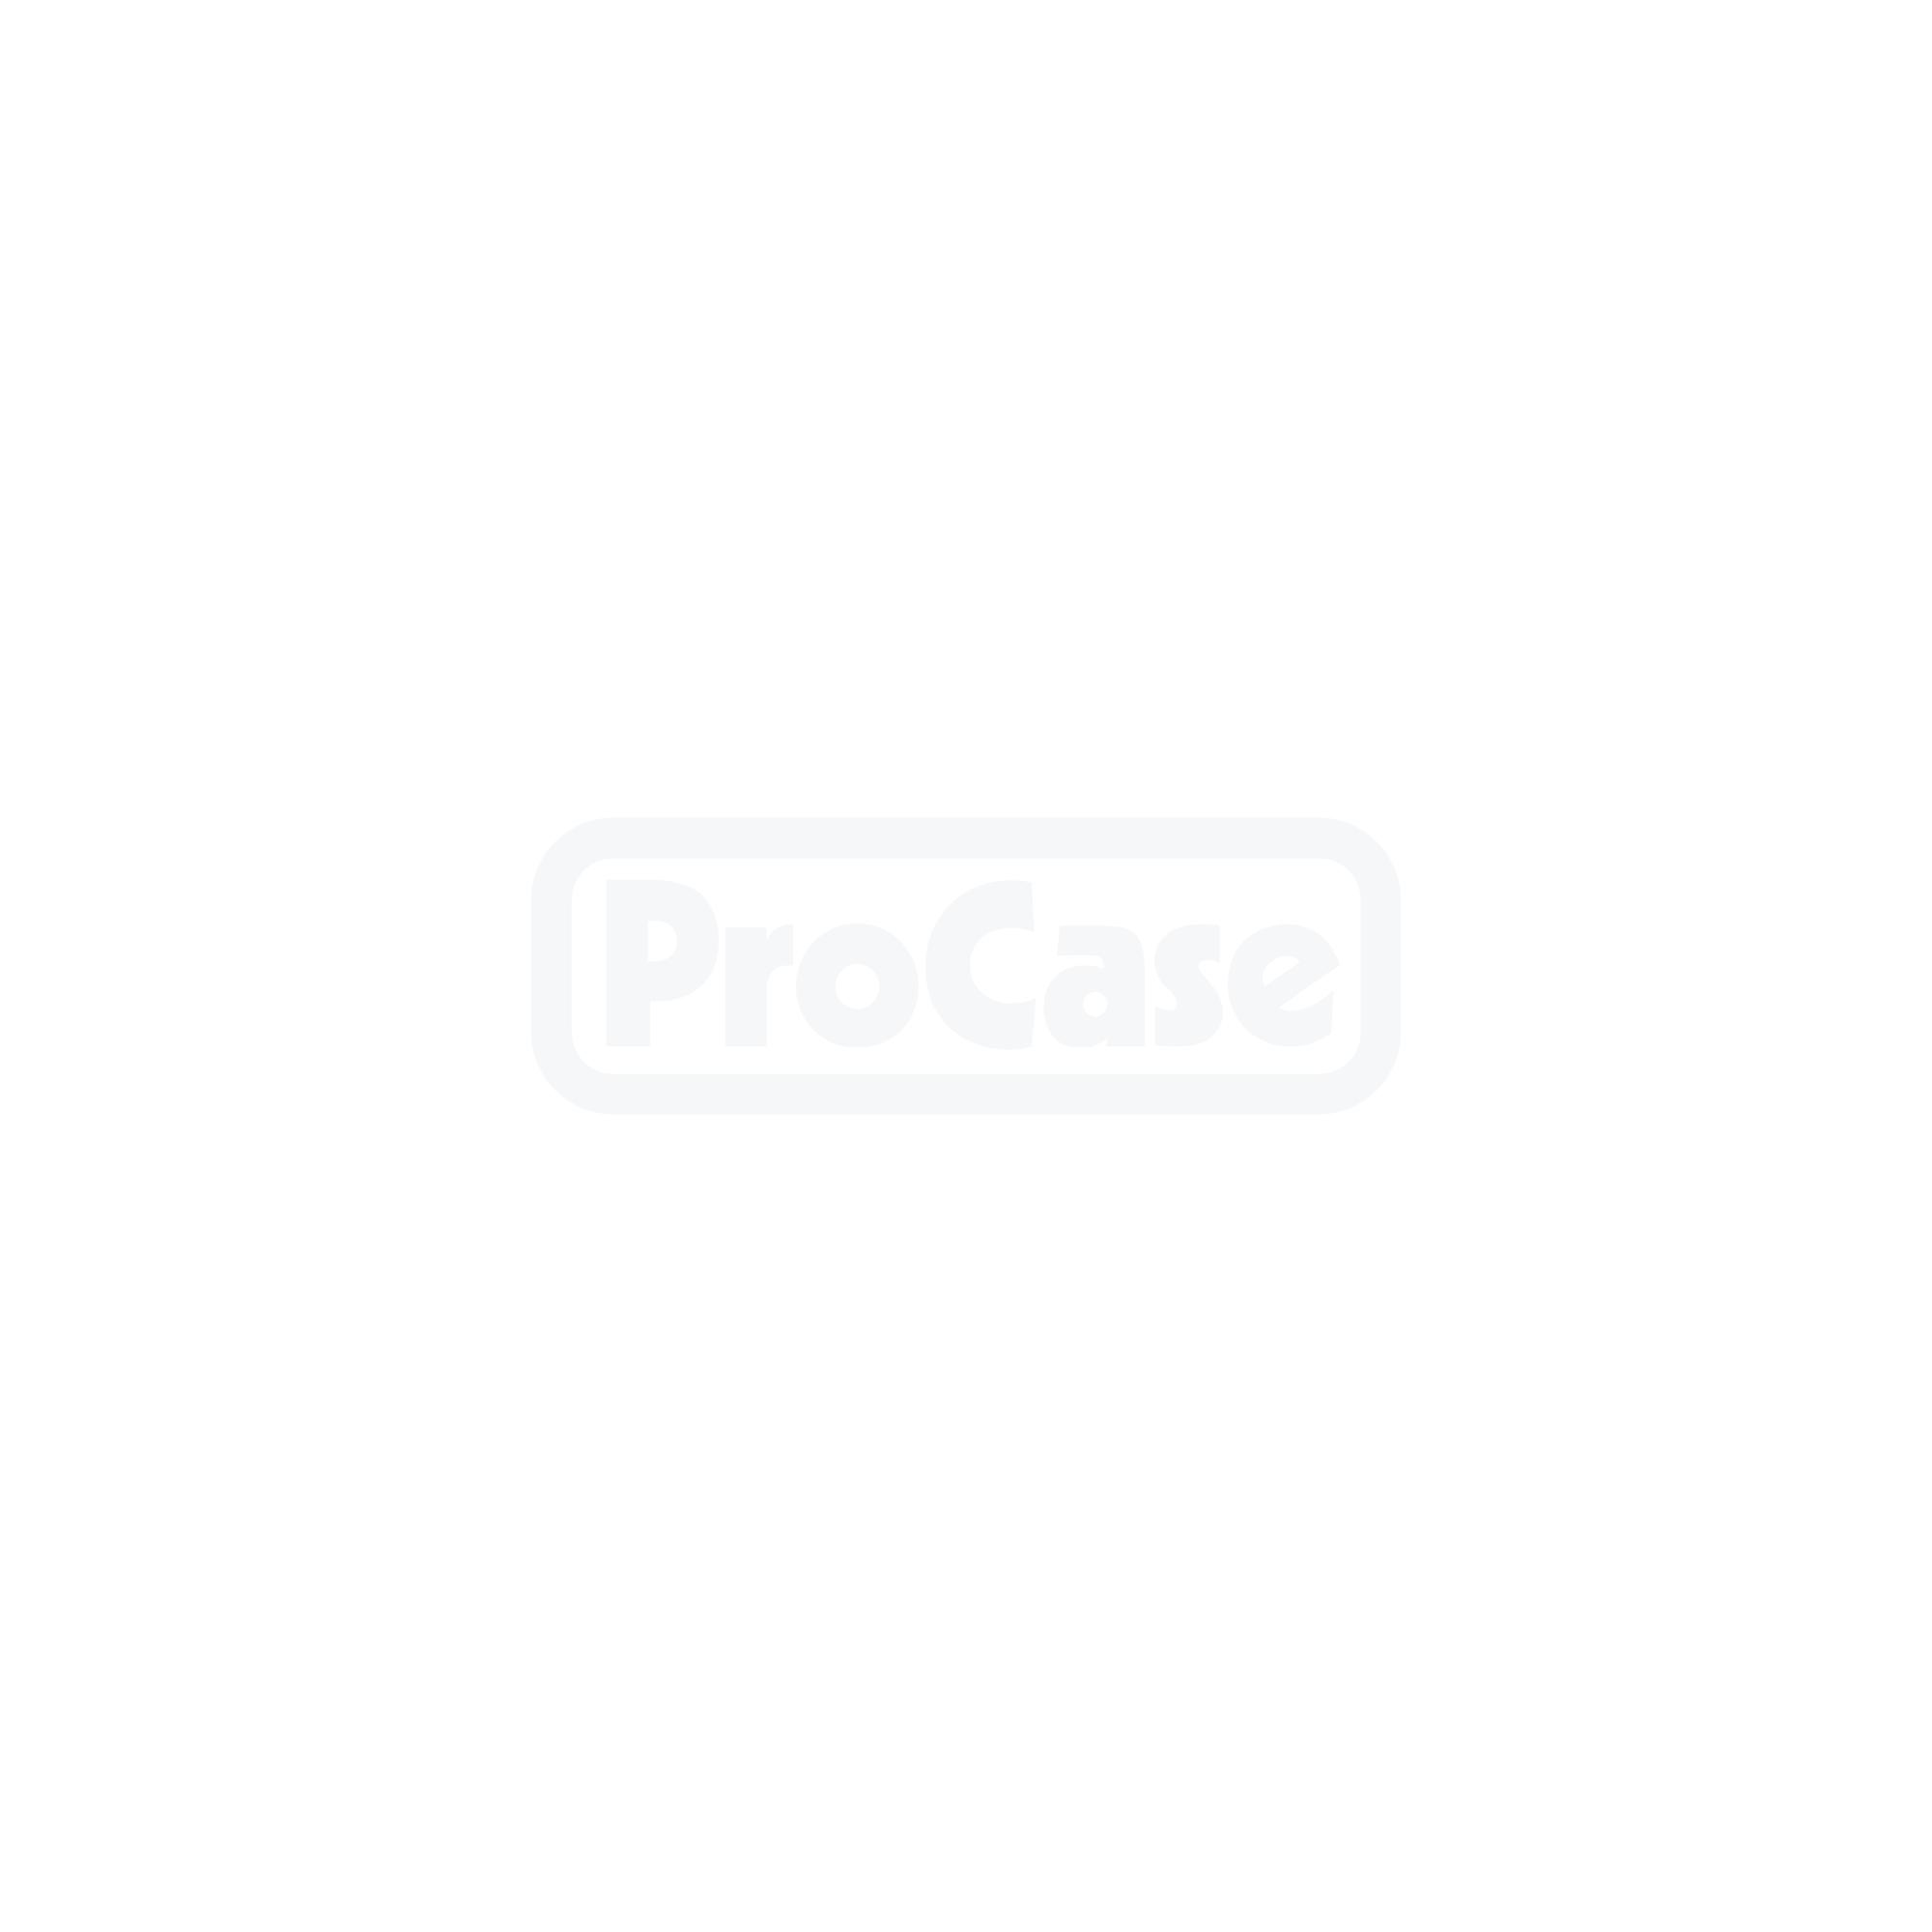 Trusspin Einsatzkasten T2 für Rigging/Tool-Case